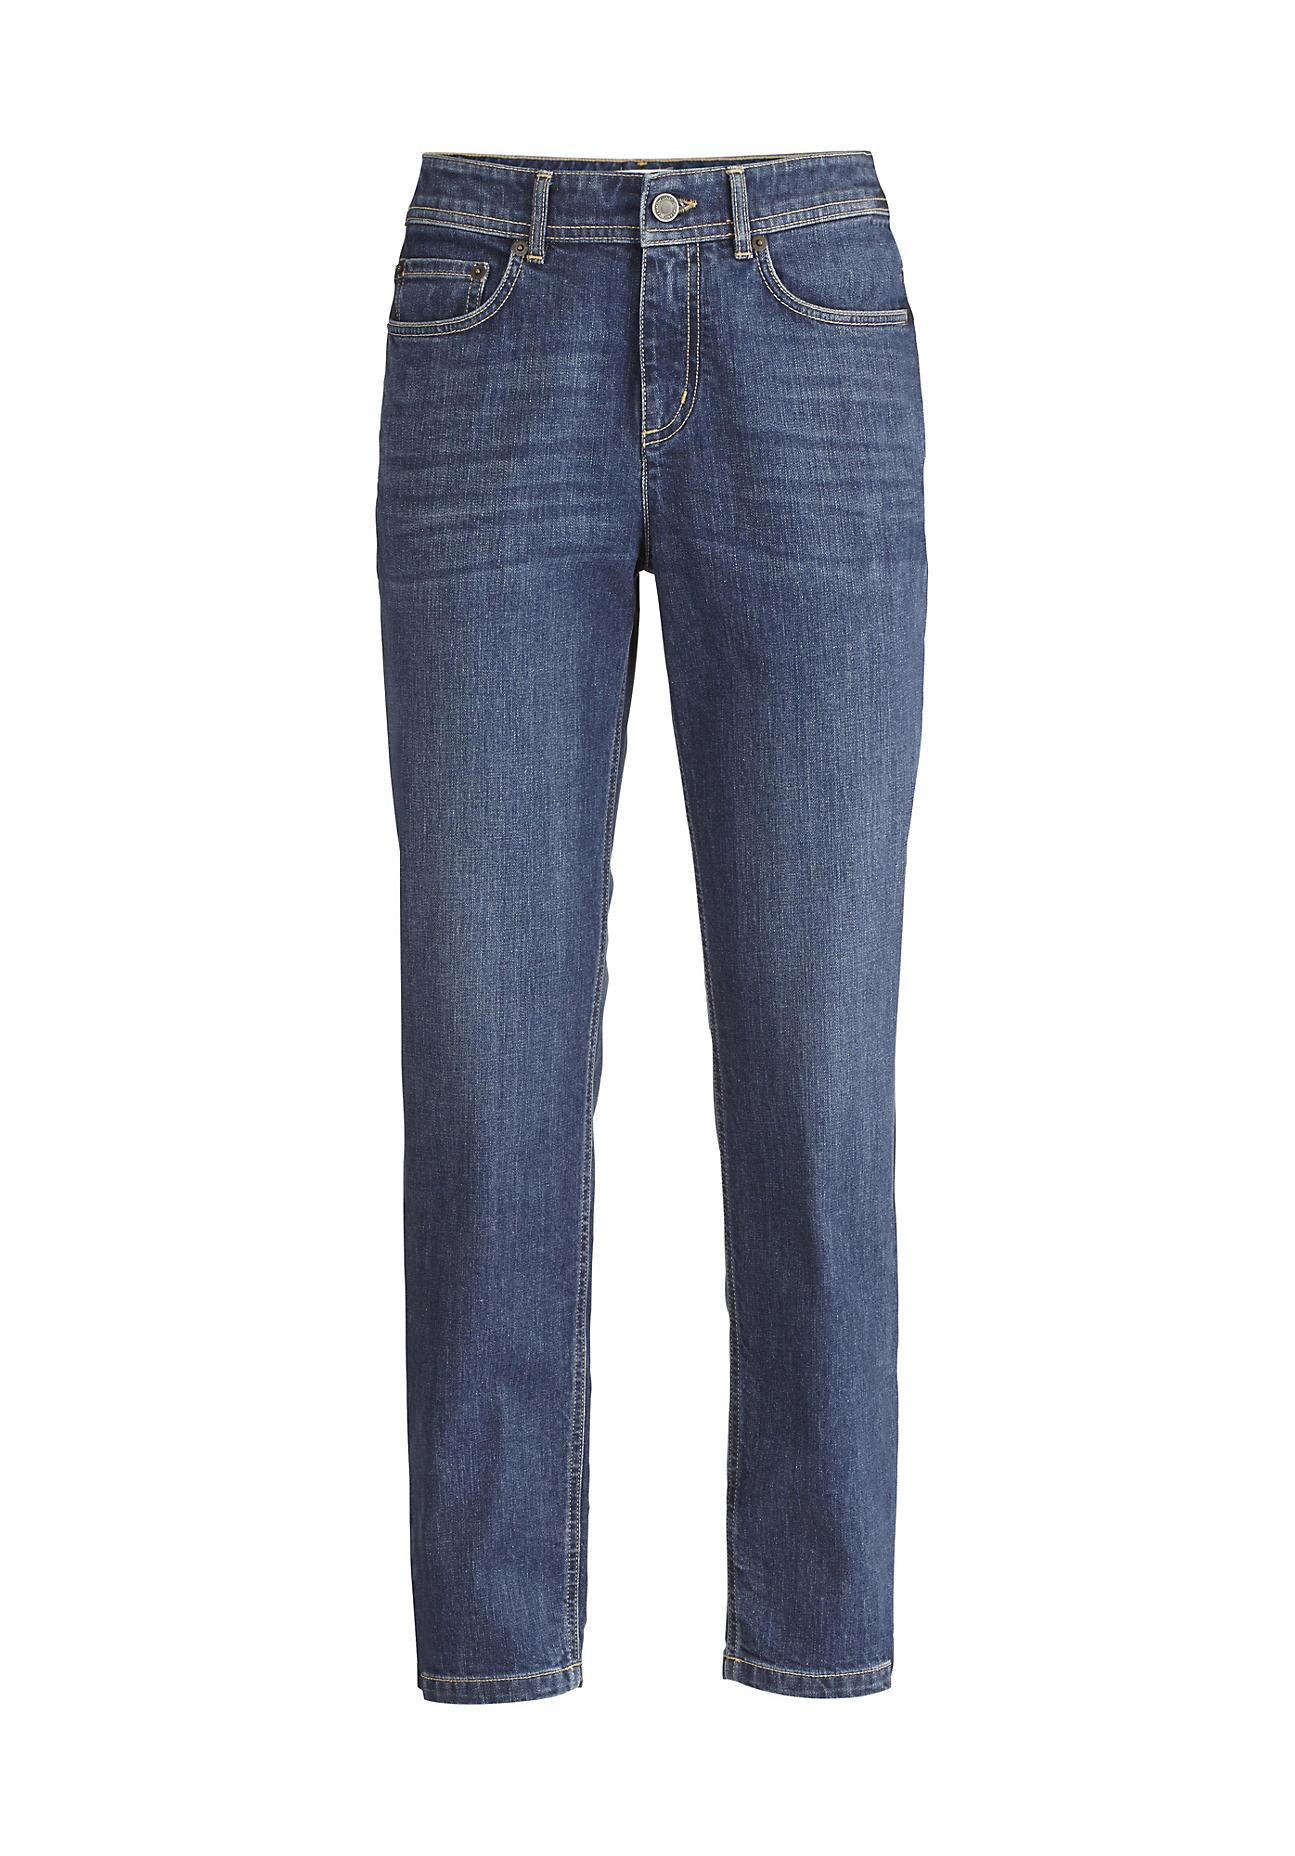 hessnatur Damen Jeans Boyfriend Fit aus Bio-Denim – blau – Größe 36/32